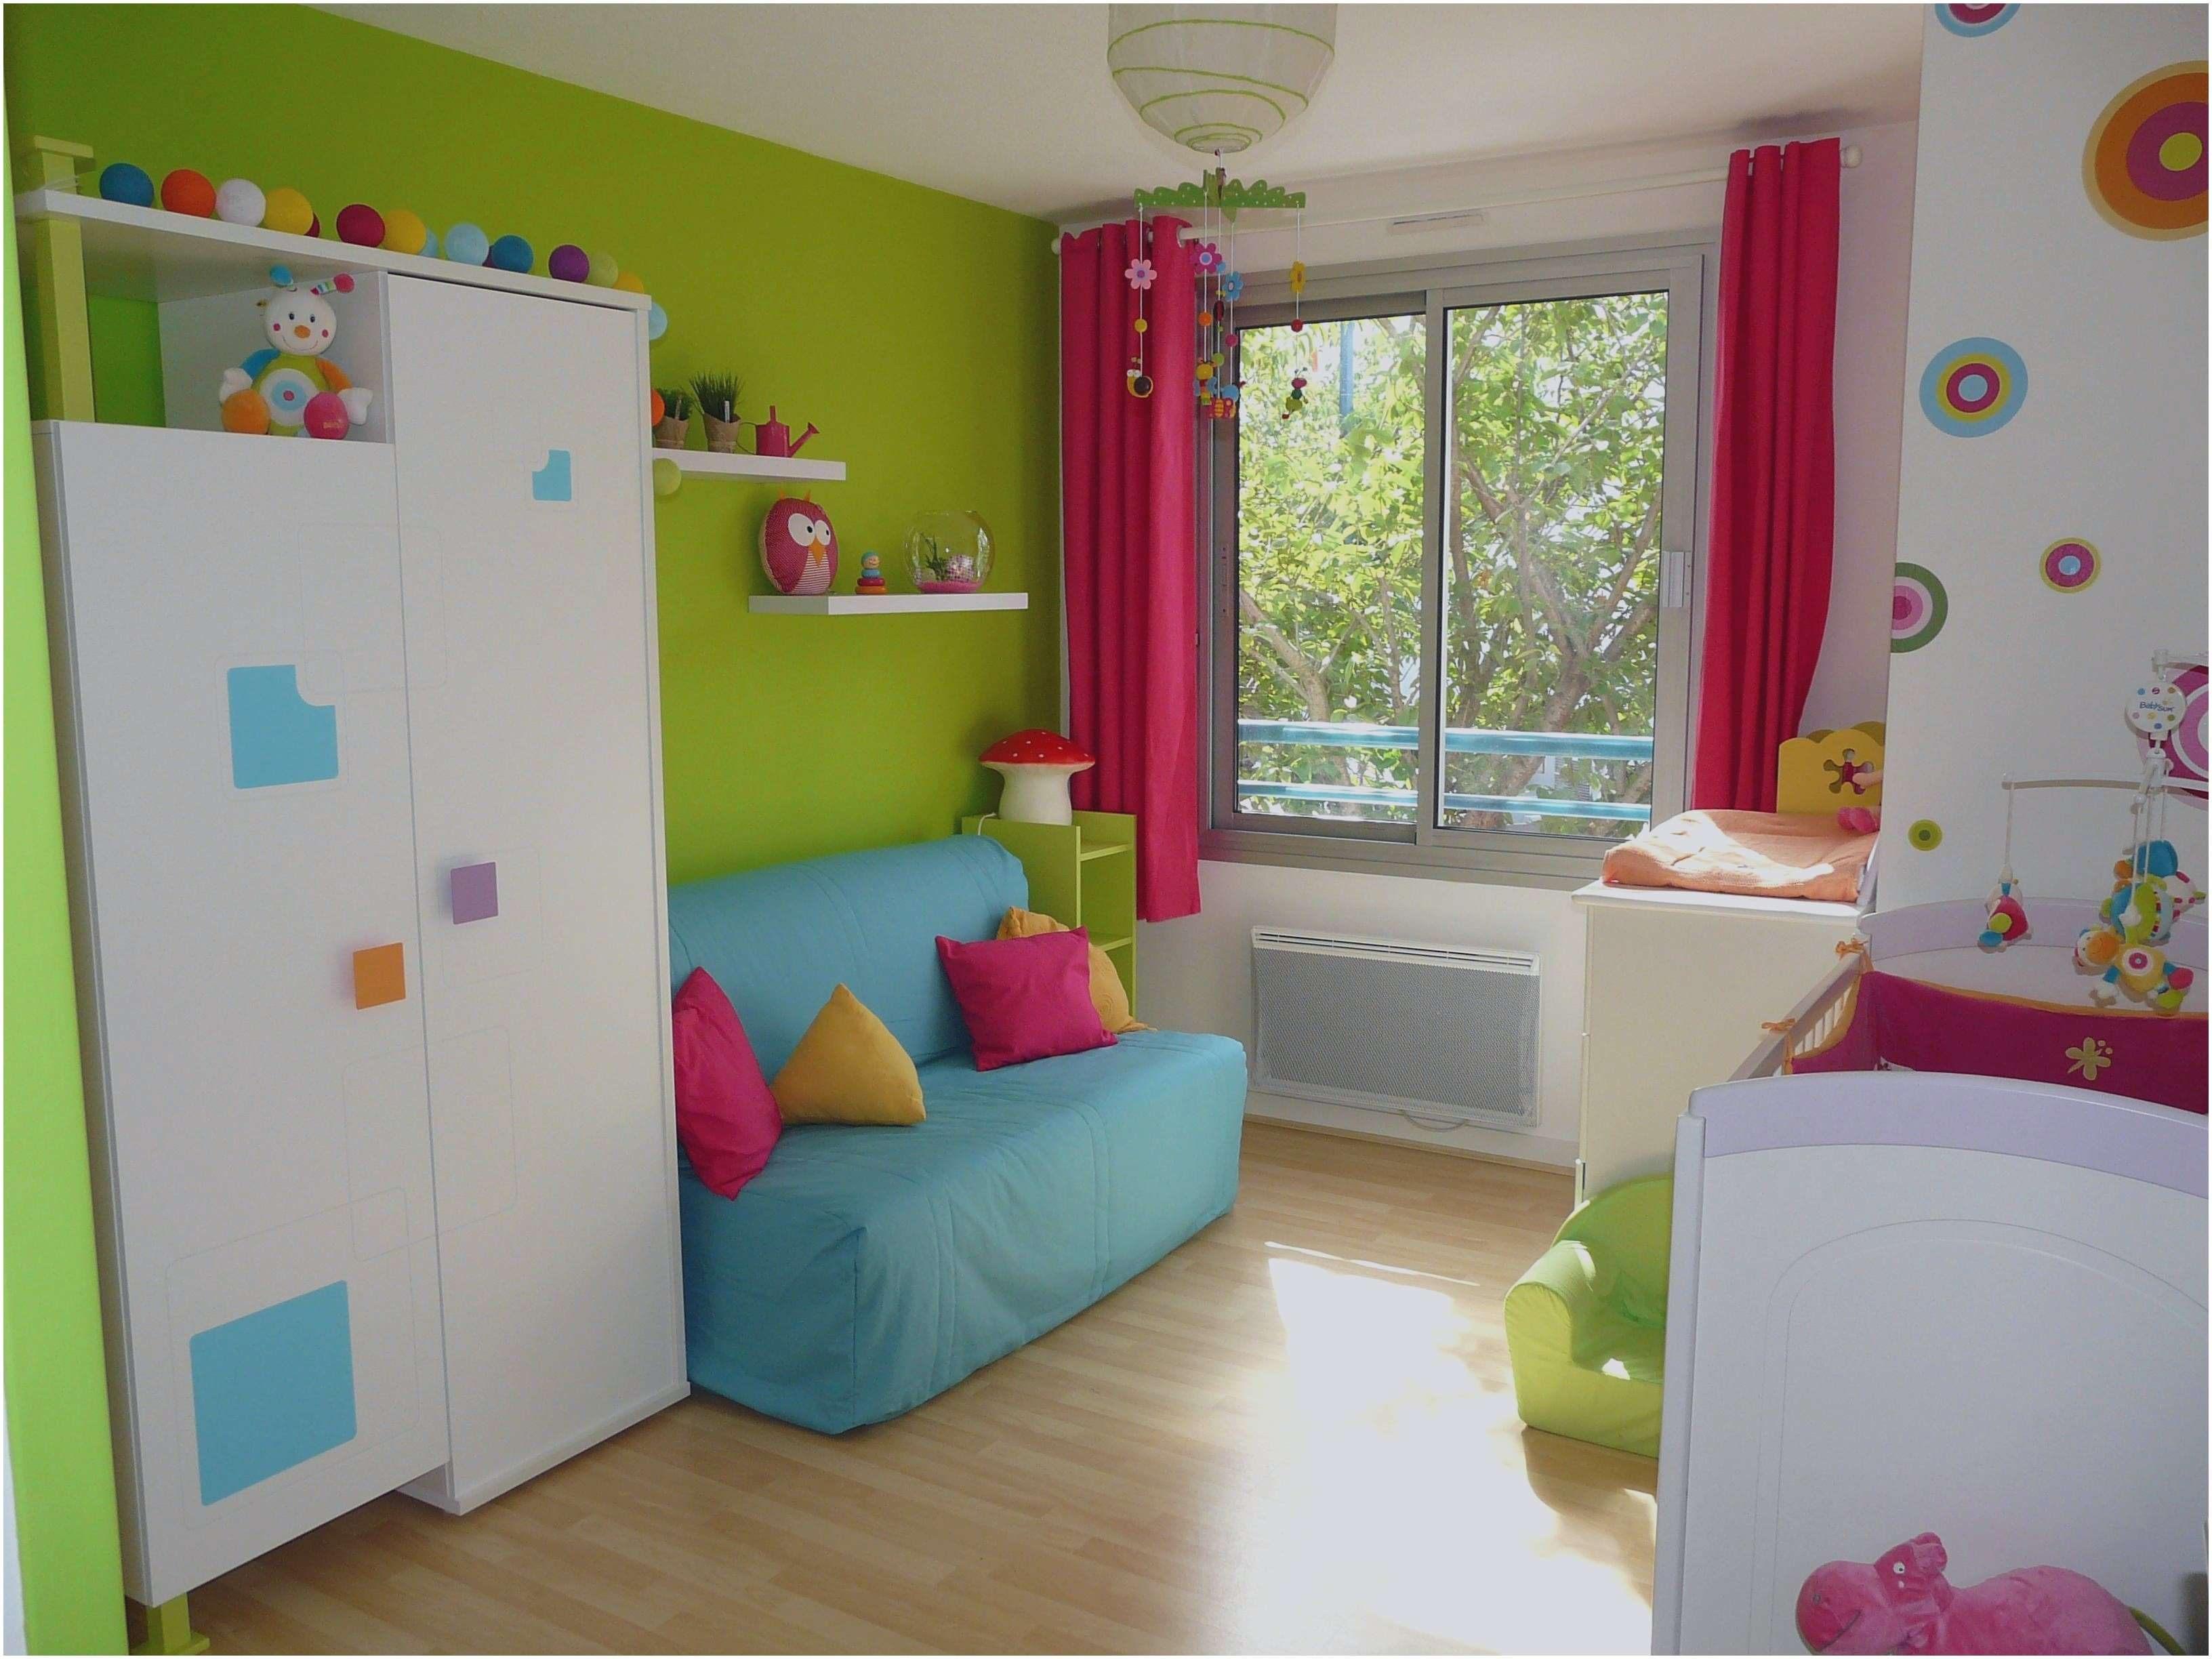 Parure De Lit Garçon Luxe Frais Idées Affiche Chambre Bébé Pour Alternative Tapisserie Chambre